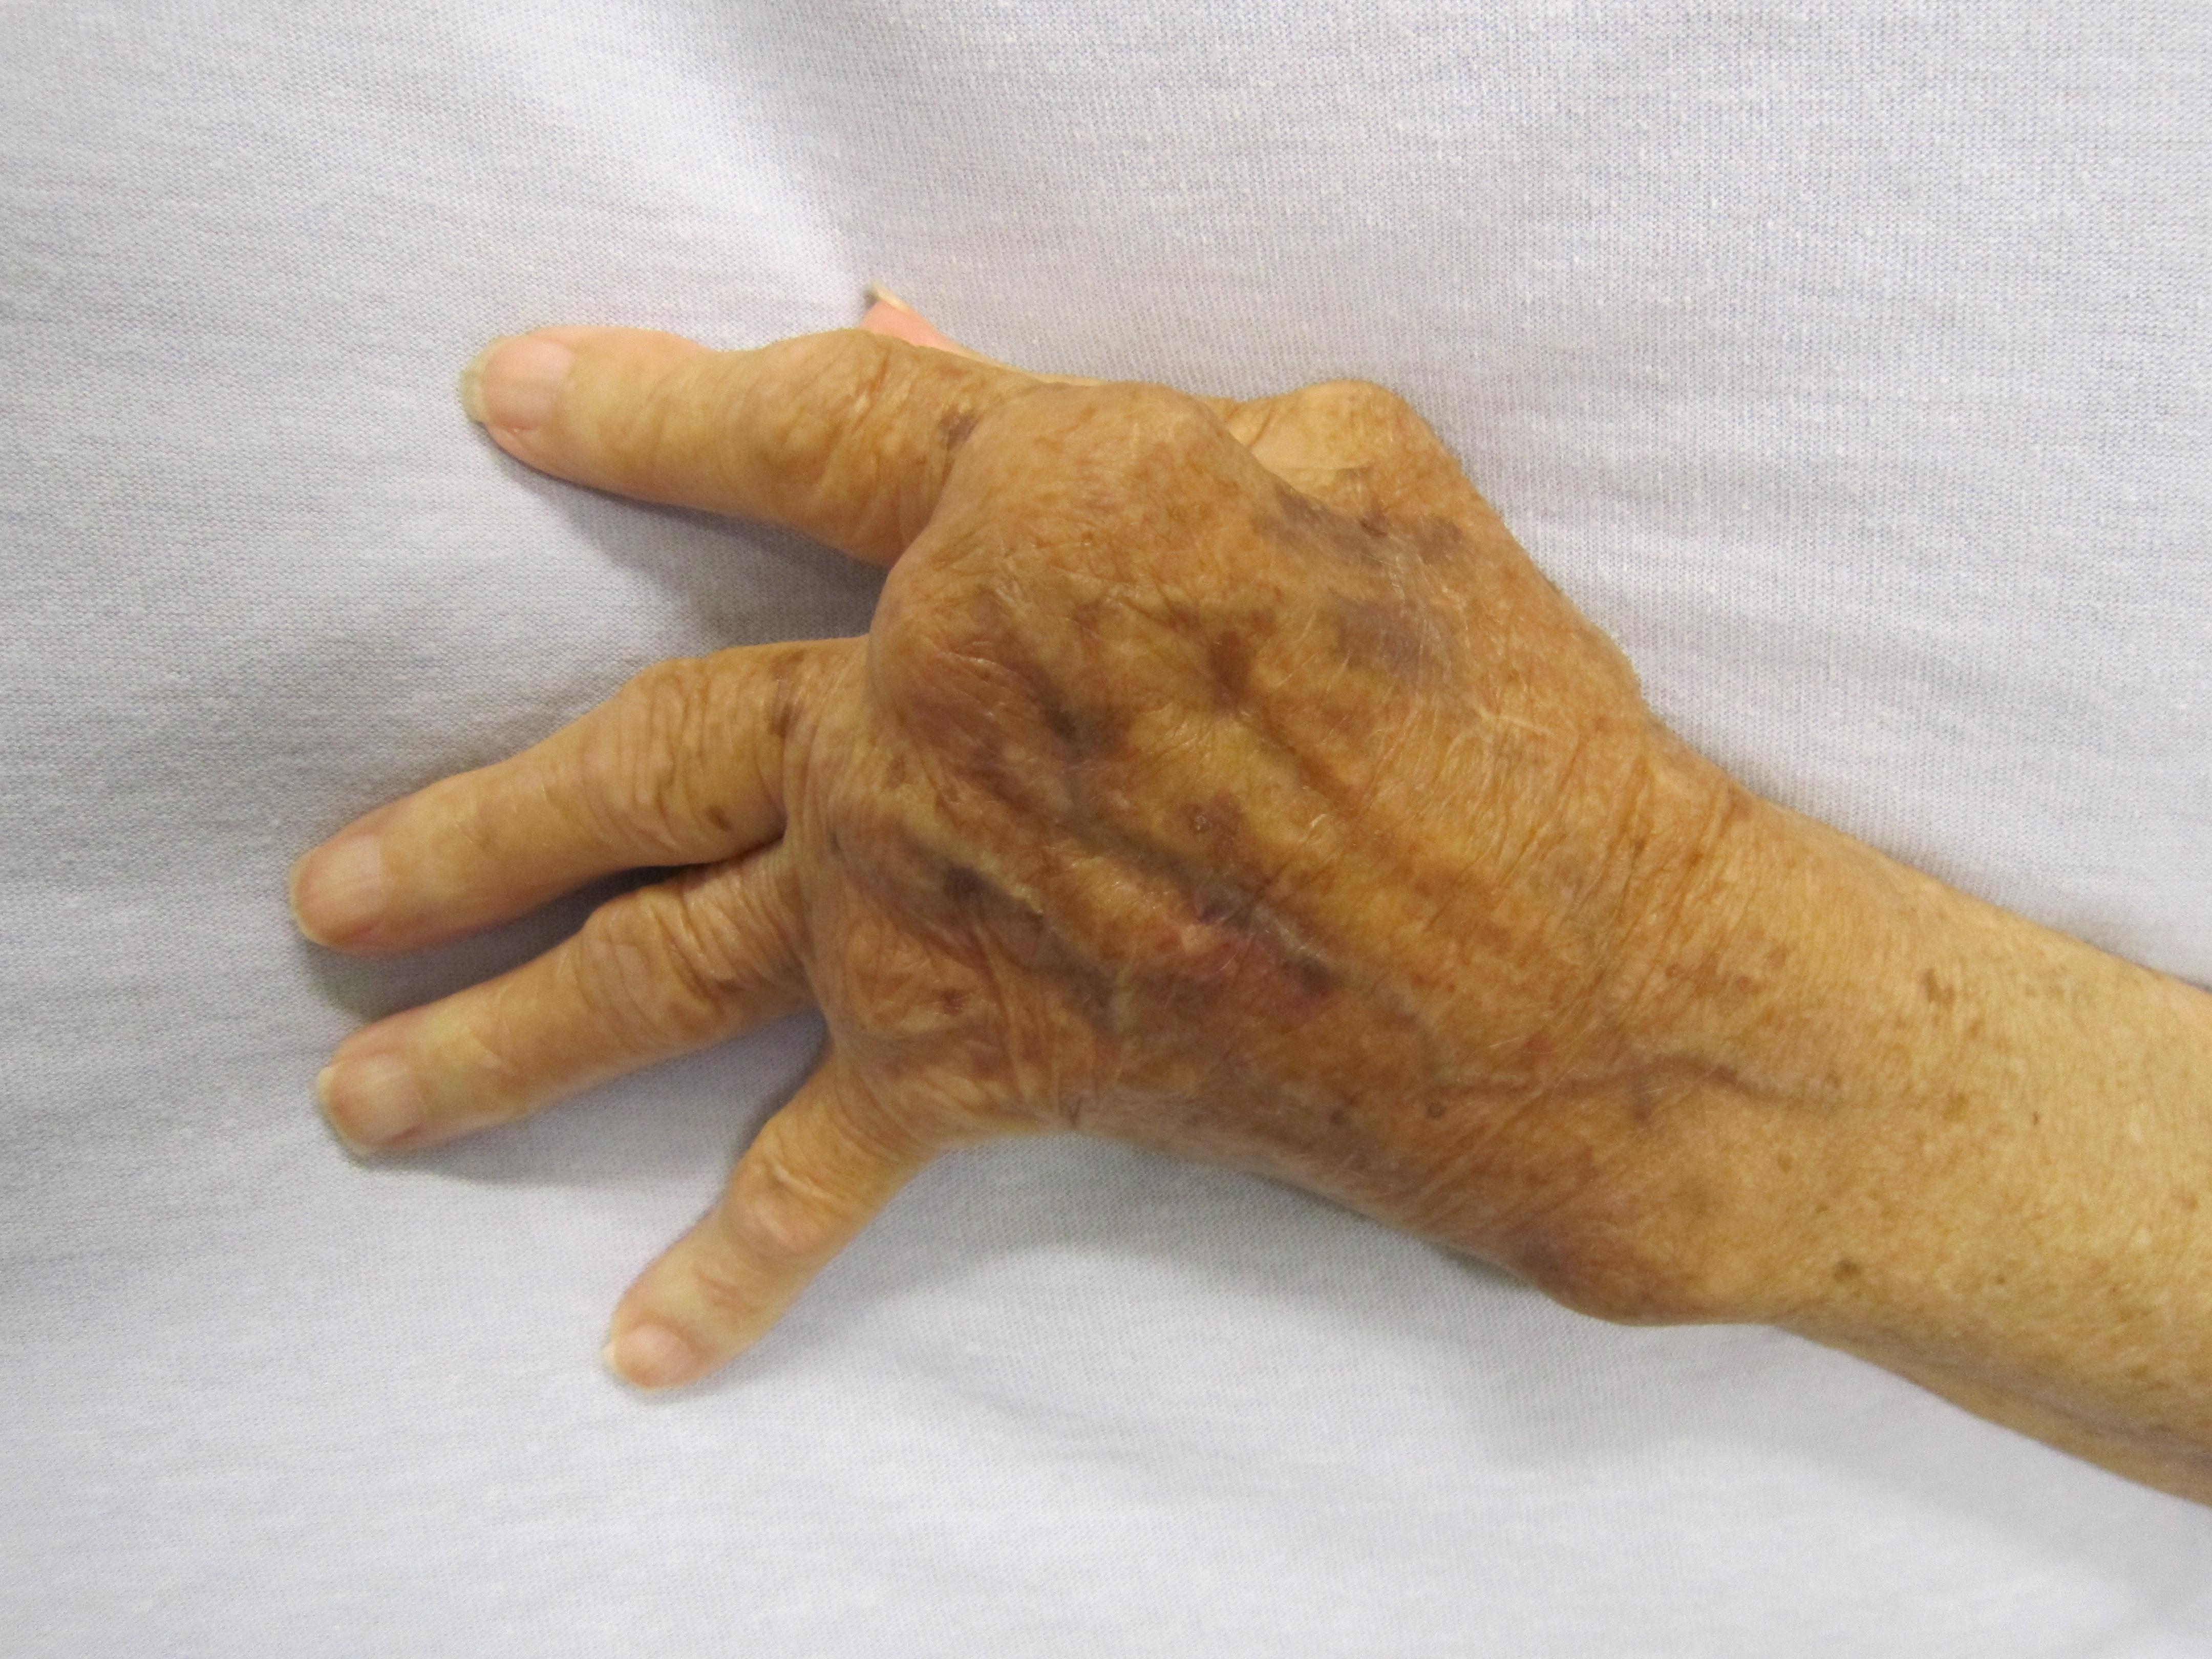 fájdalom az ujjak ízületeiben alvás után